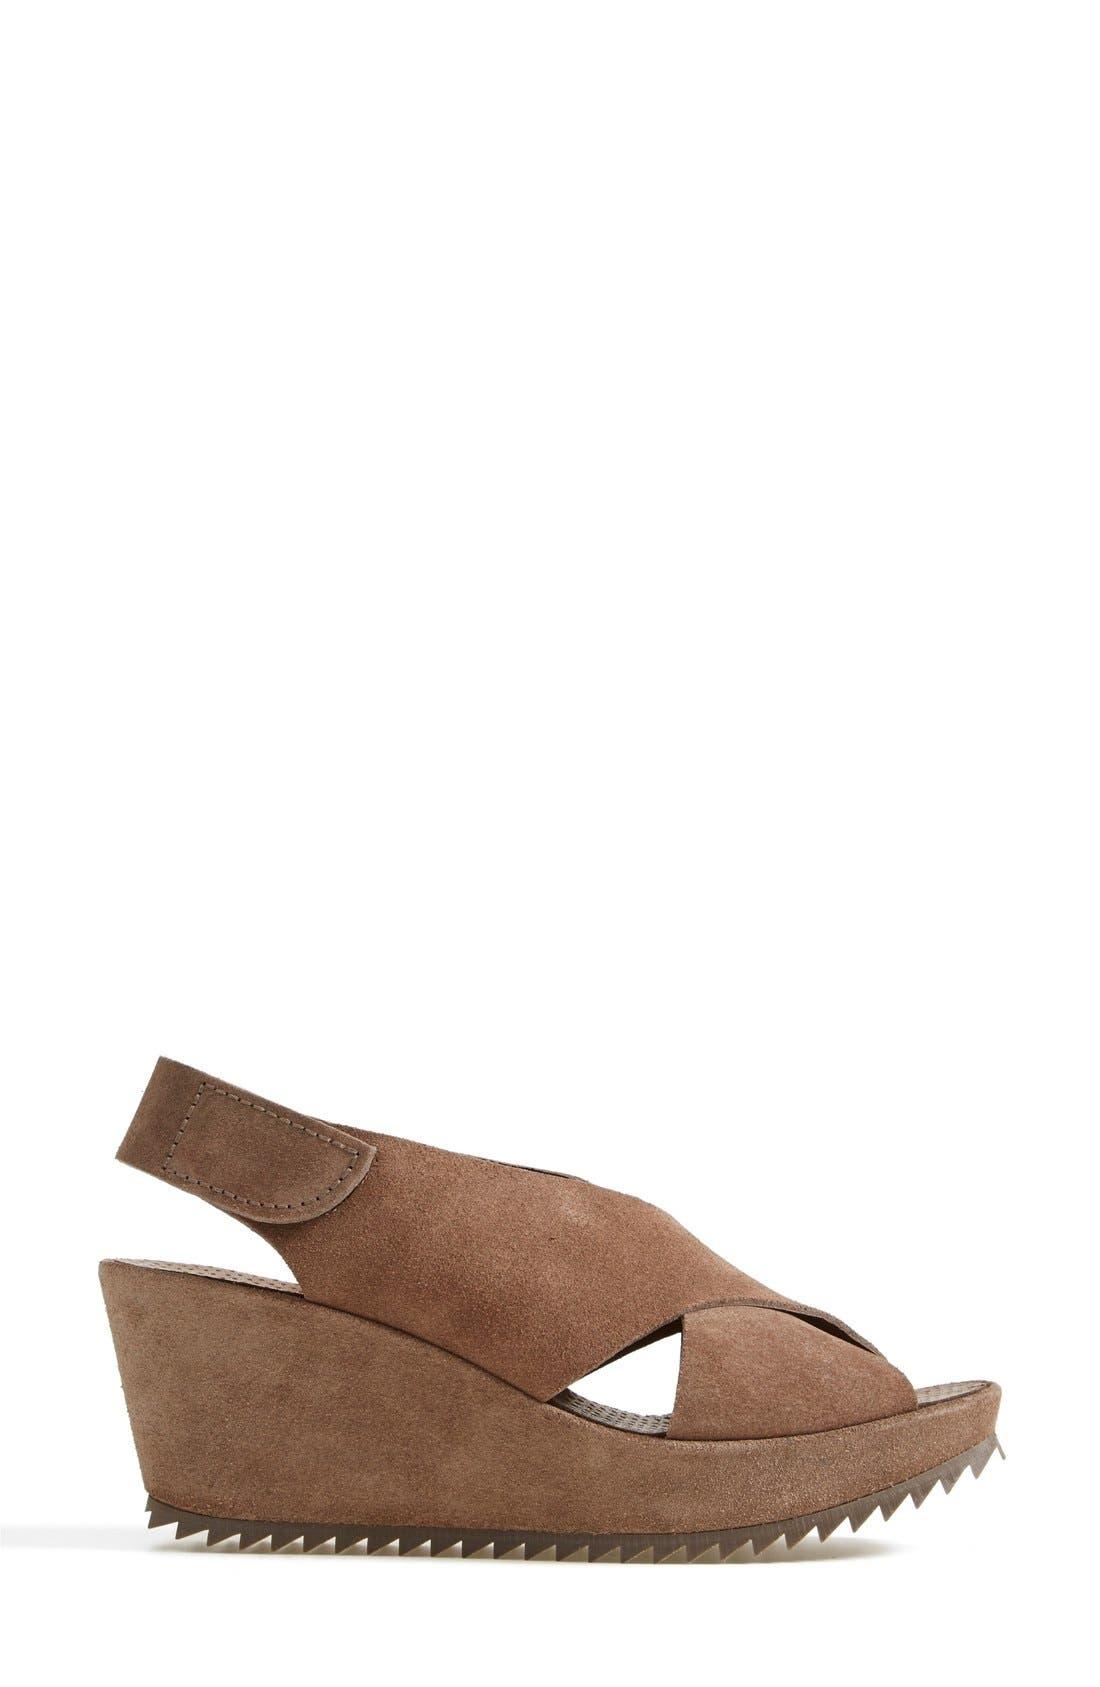 'Federica' Wedge Sandal,                             Alternate thumbnail 8, color,